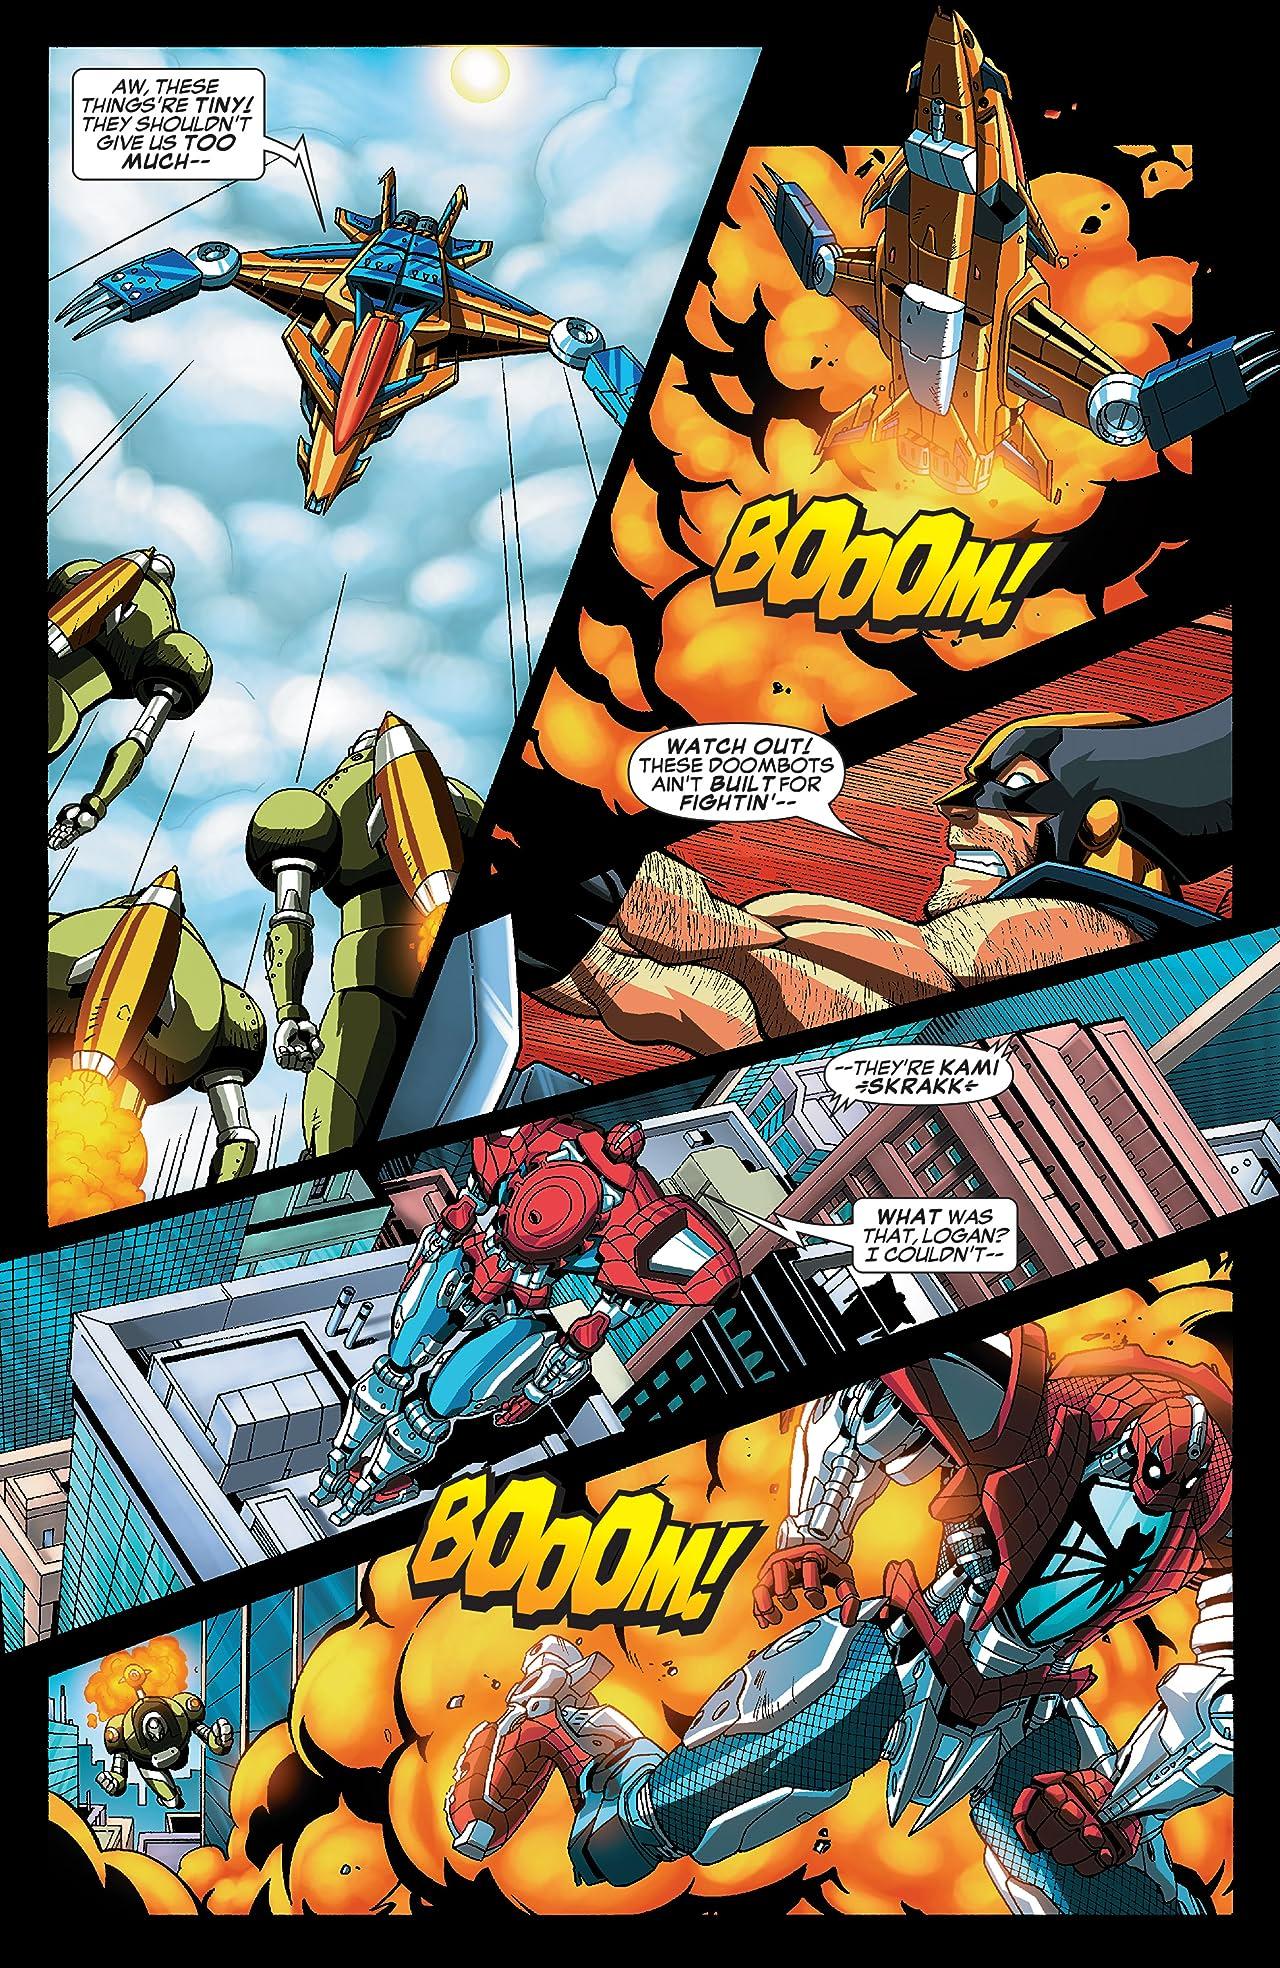 MegaMorphs (2005) #4 (of 4)